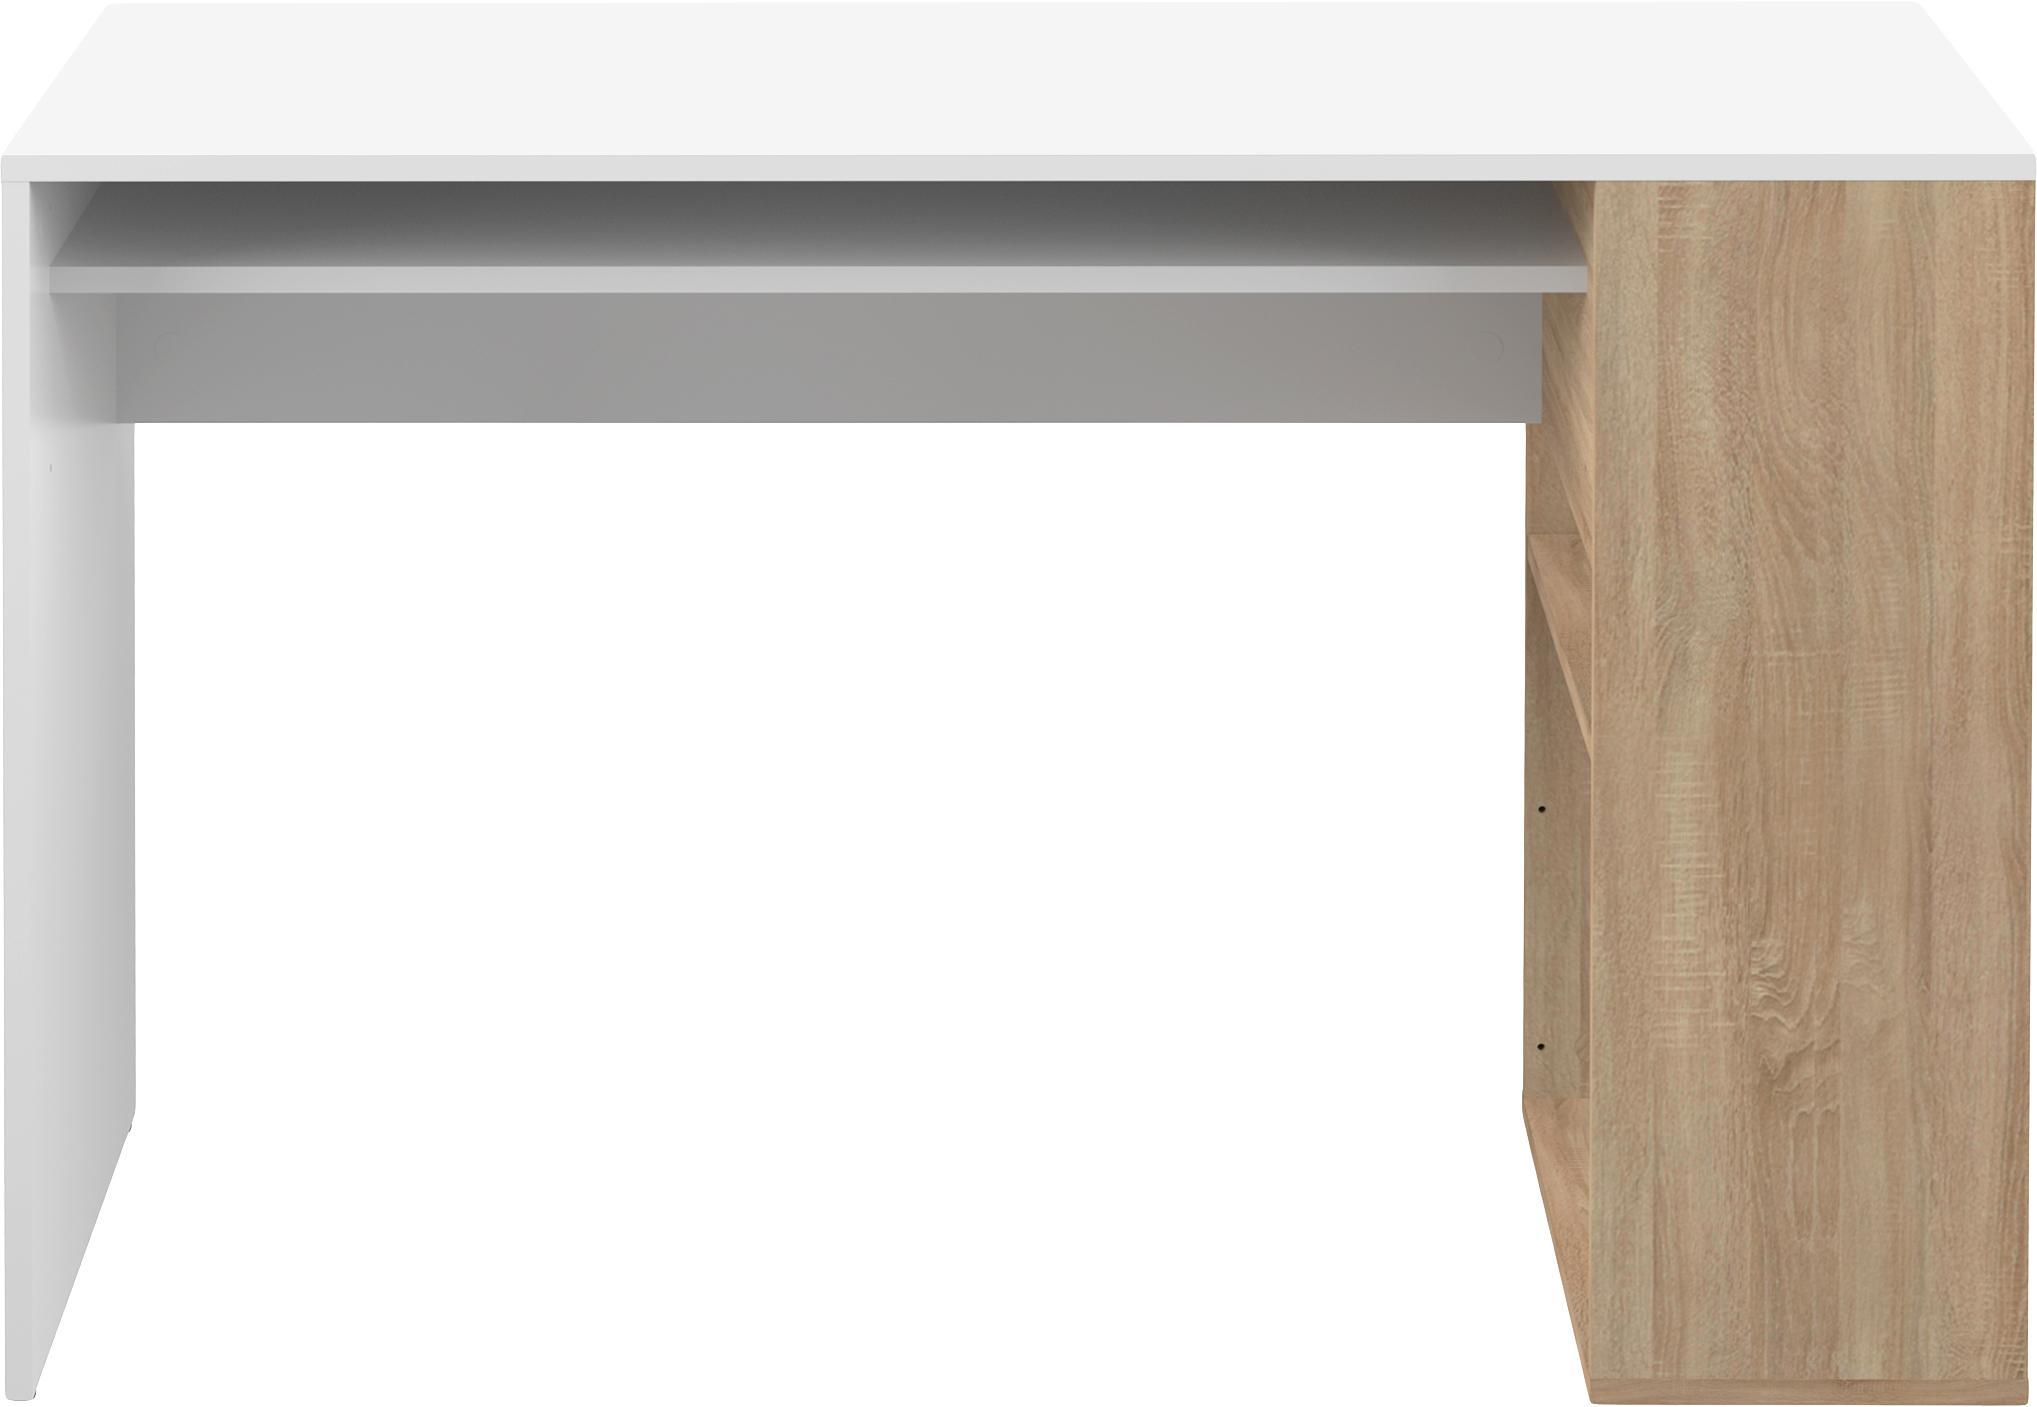 Scrivania con ripiani Yale, Truciolato, melaminico, Bianco, legno di quercia, Larg. 114 x Alt. 76 cm